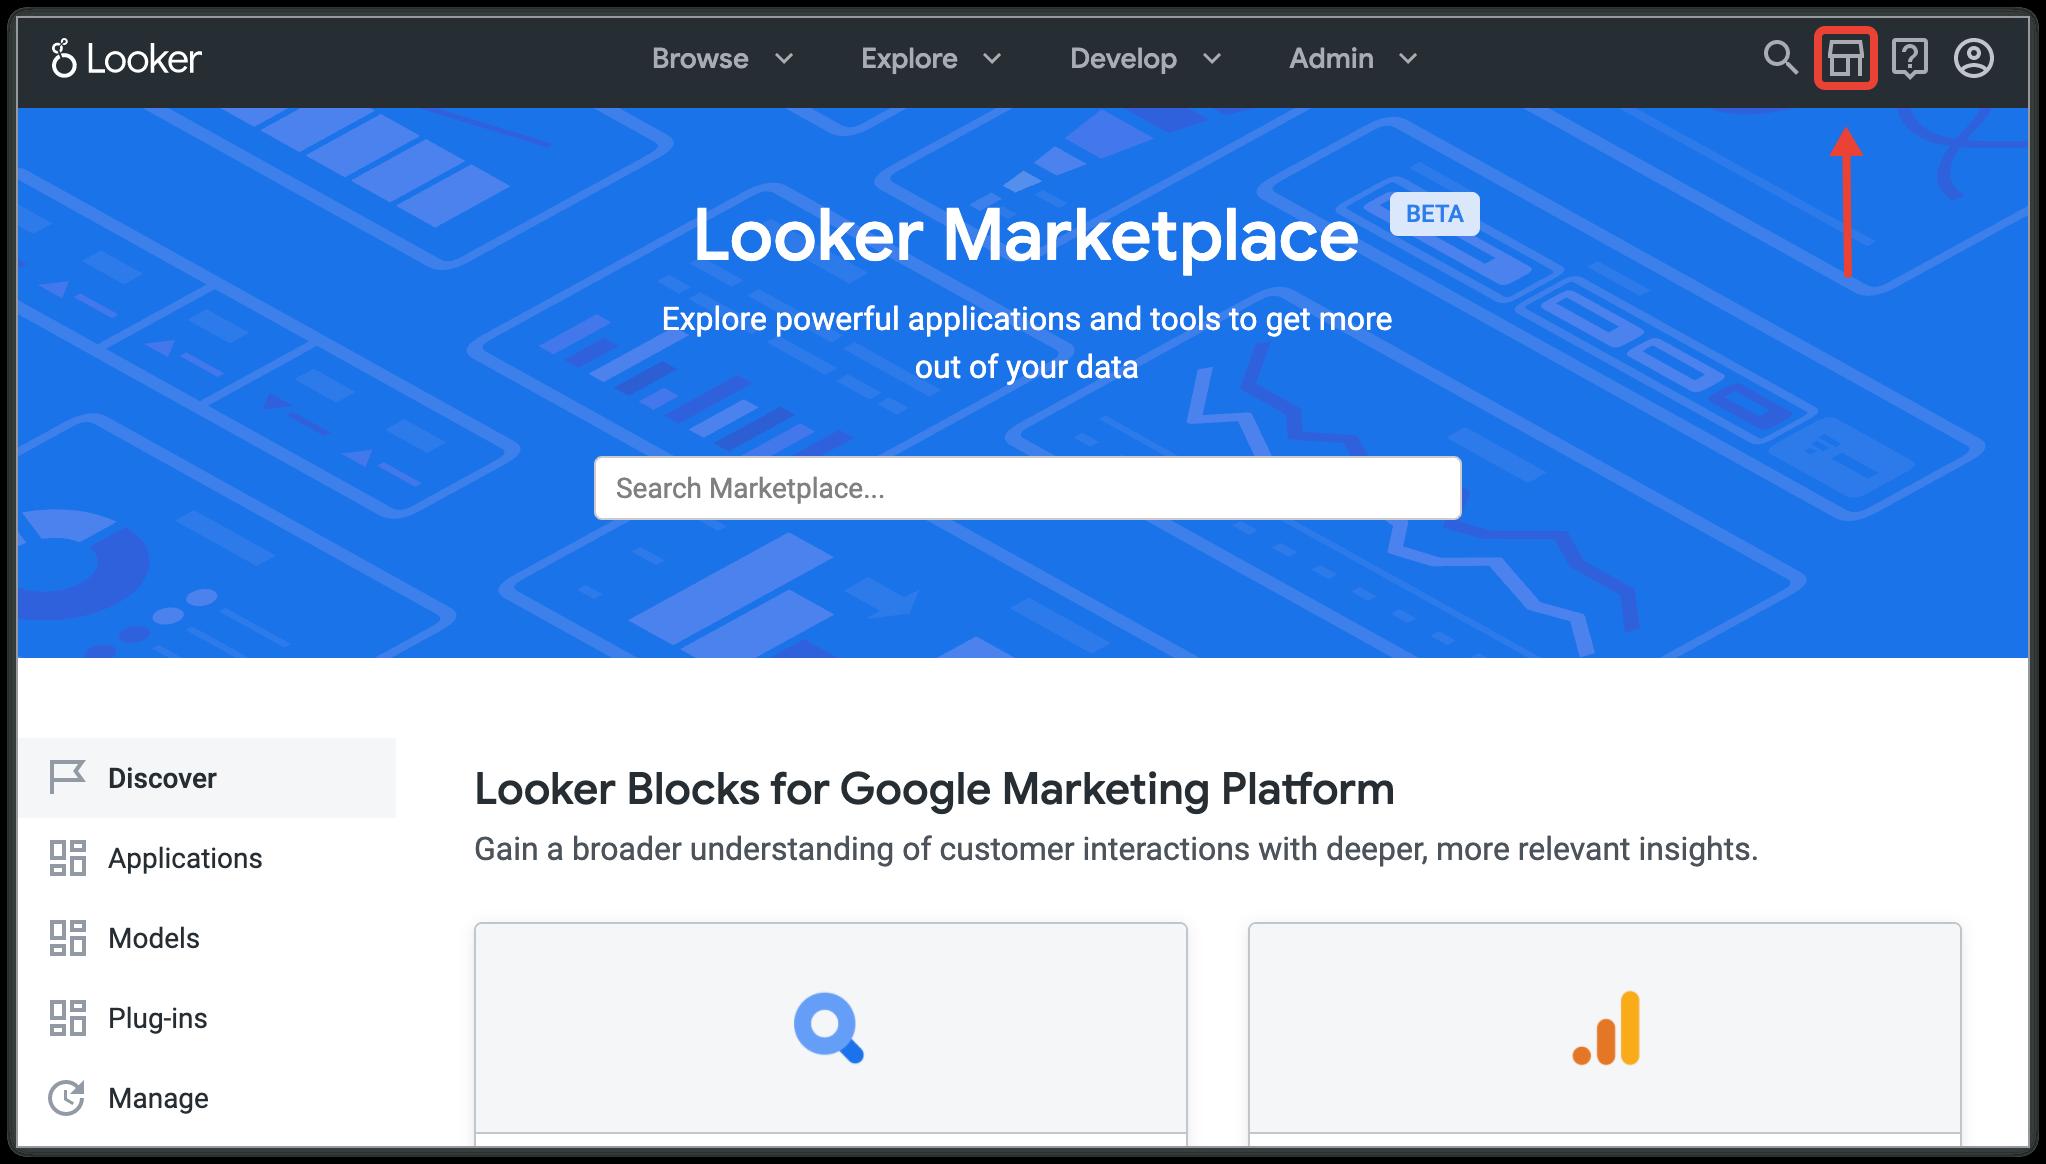 Pesquisar por Looker Blocks